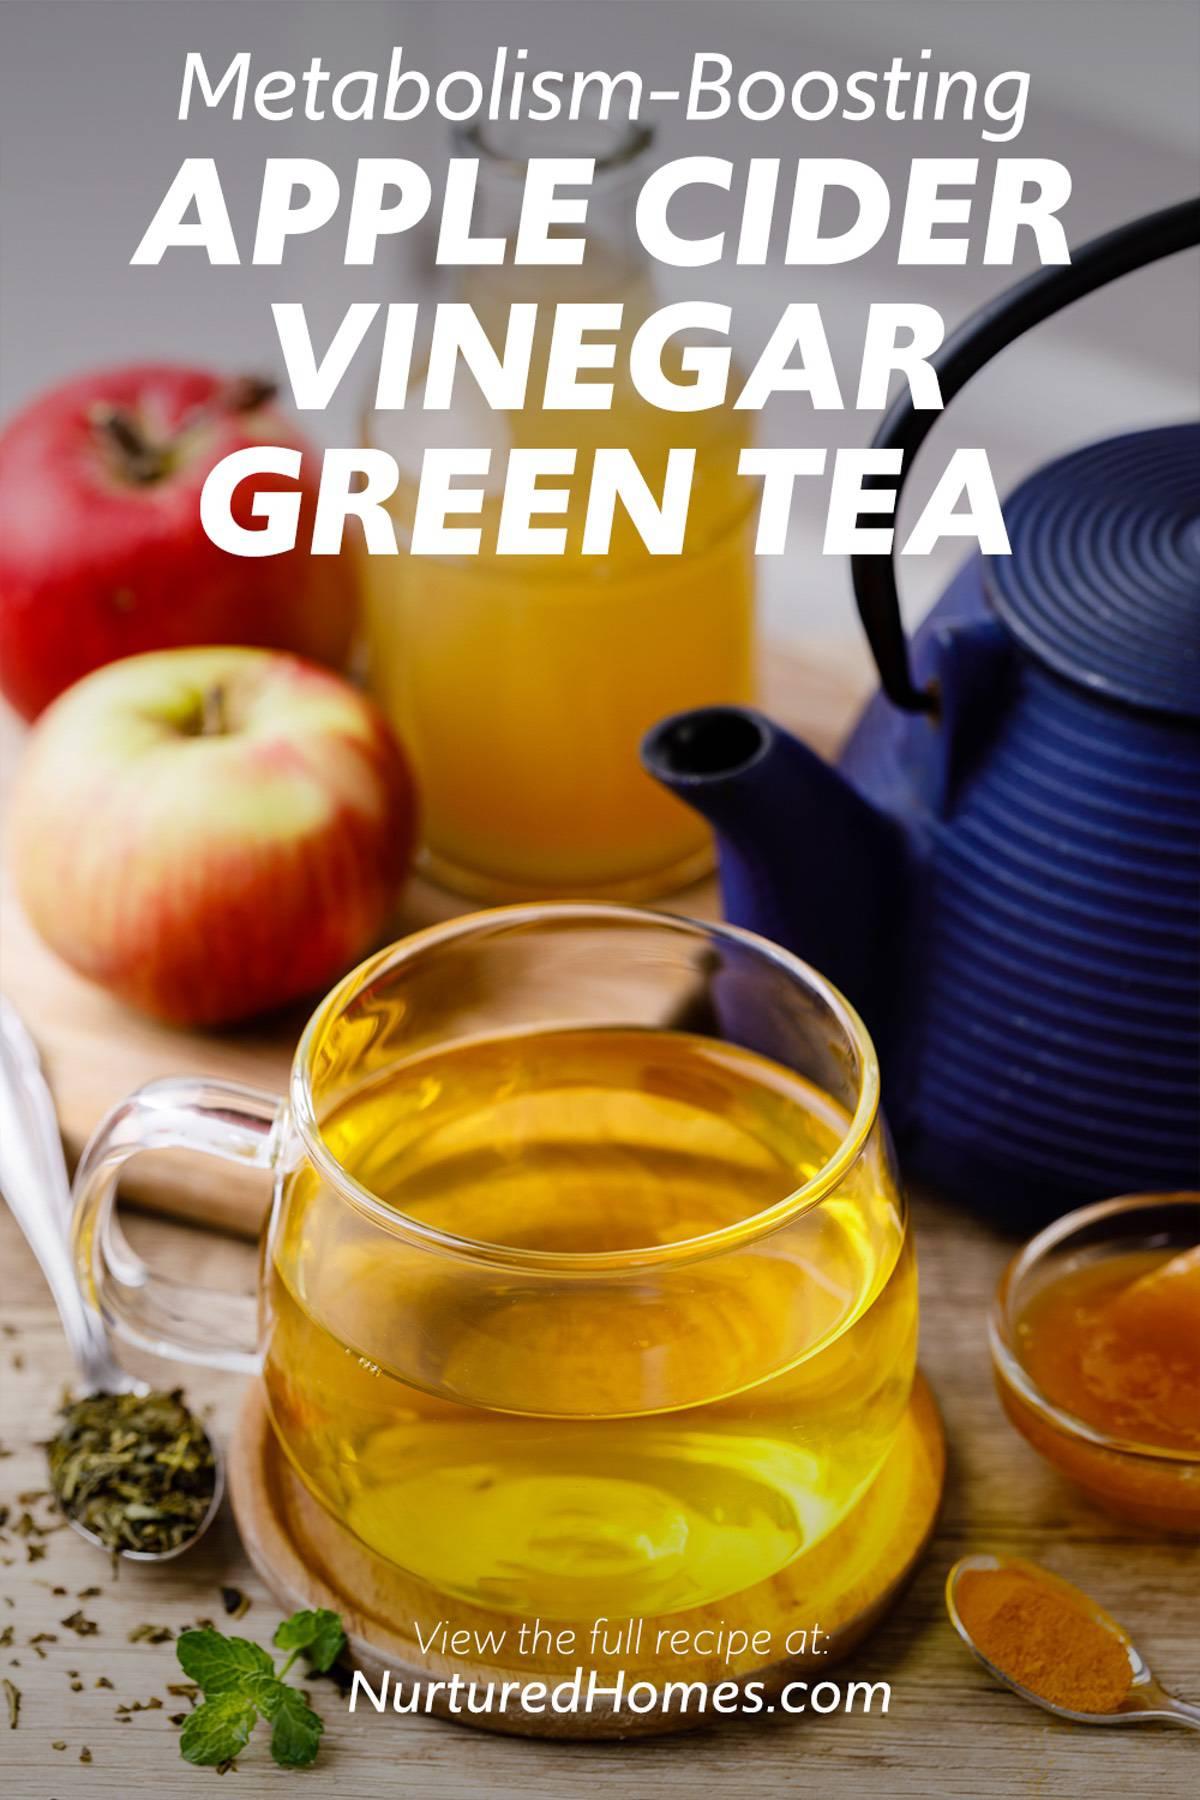 Metabolism-Boosting Apple Cider Vinegar Green Tea